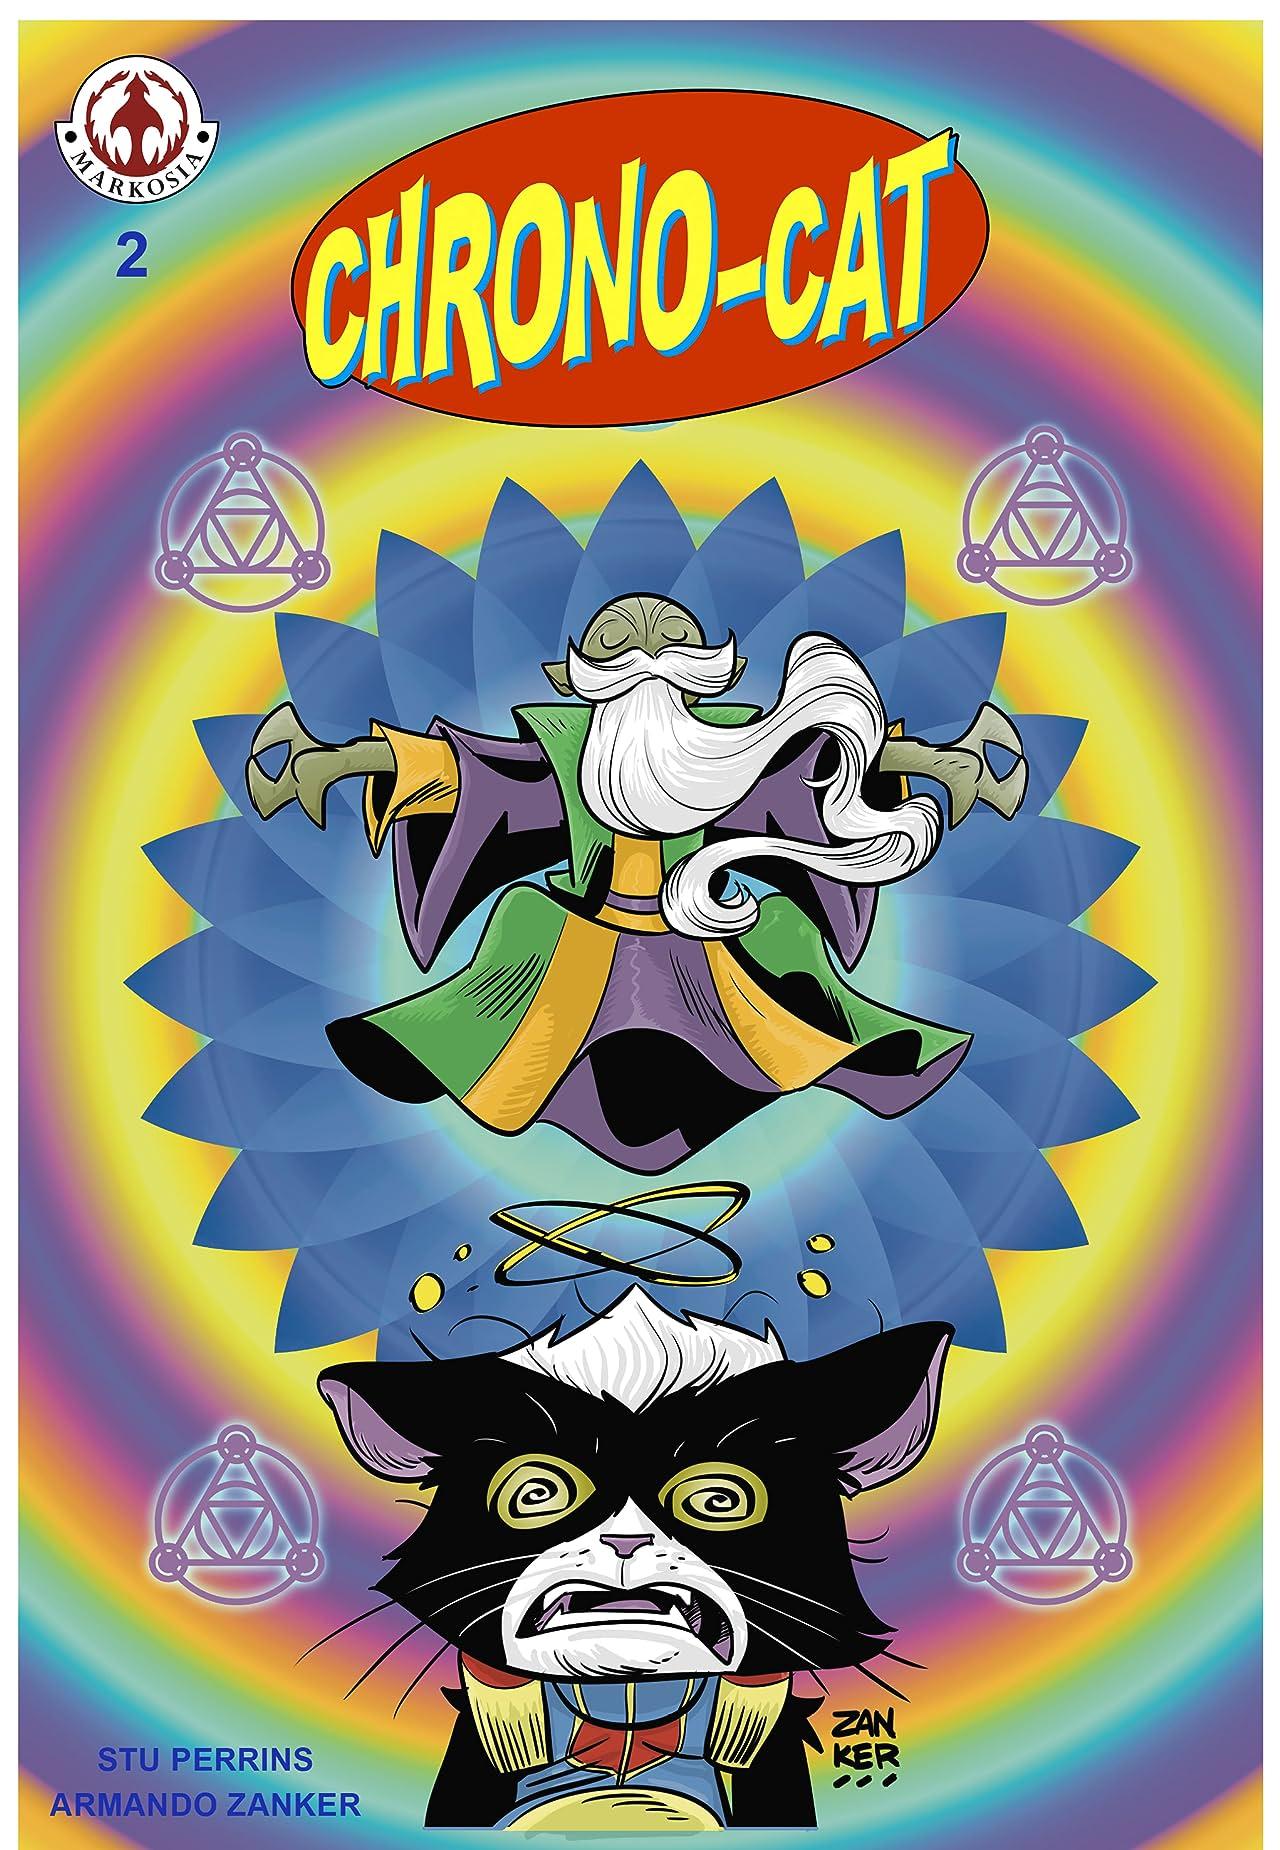 Chrono-Cat #2